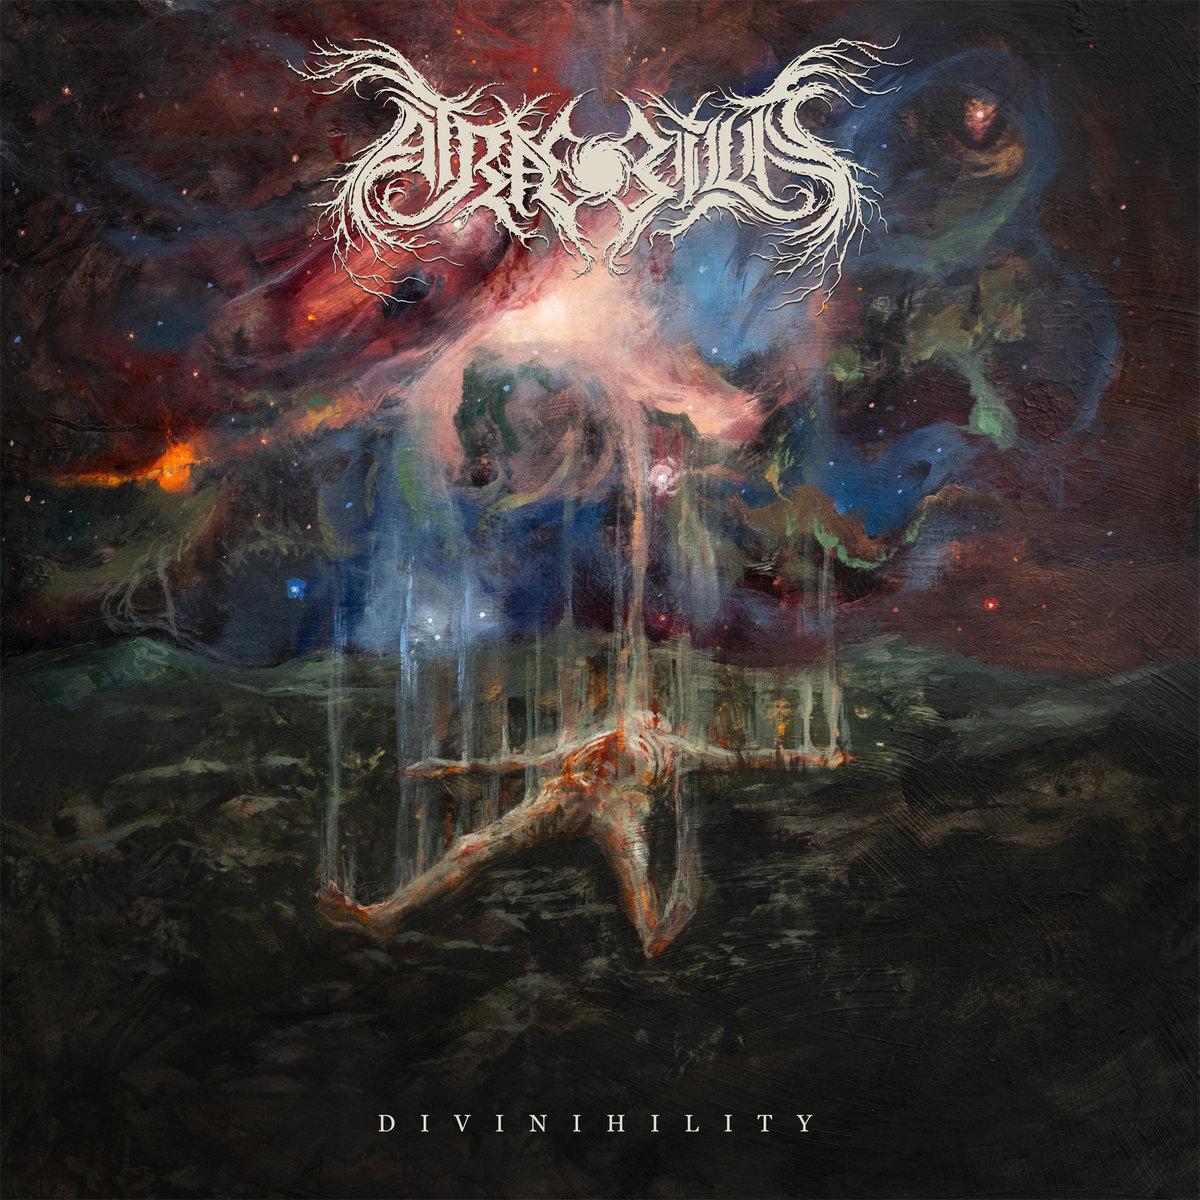 atrae bilis divinihility cover art